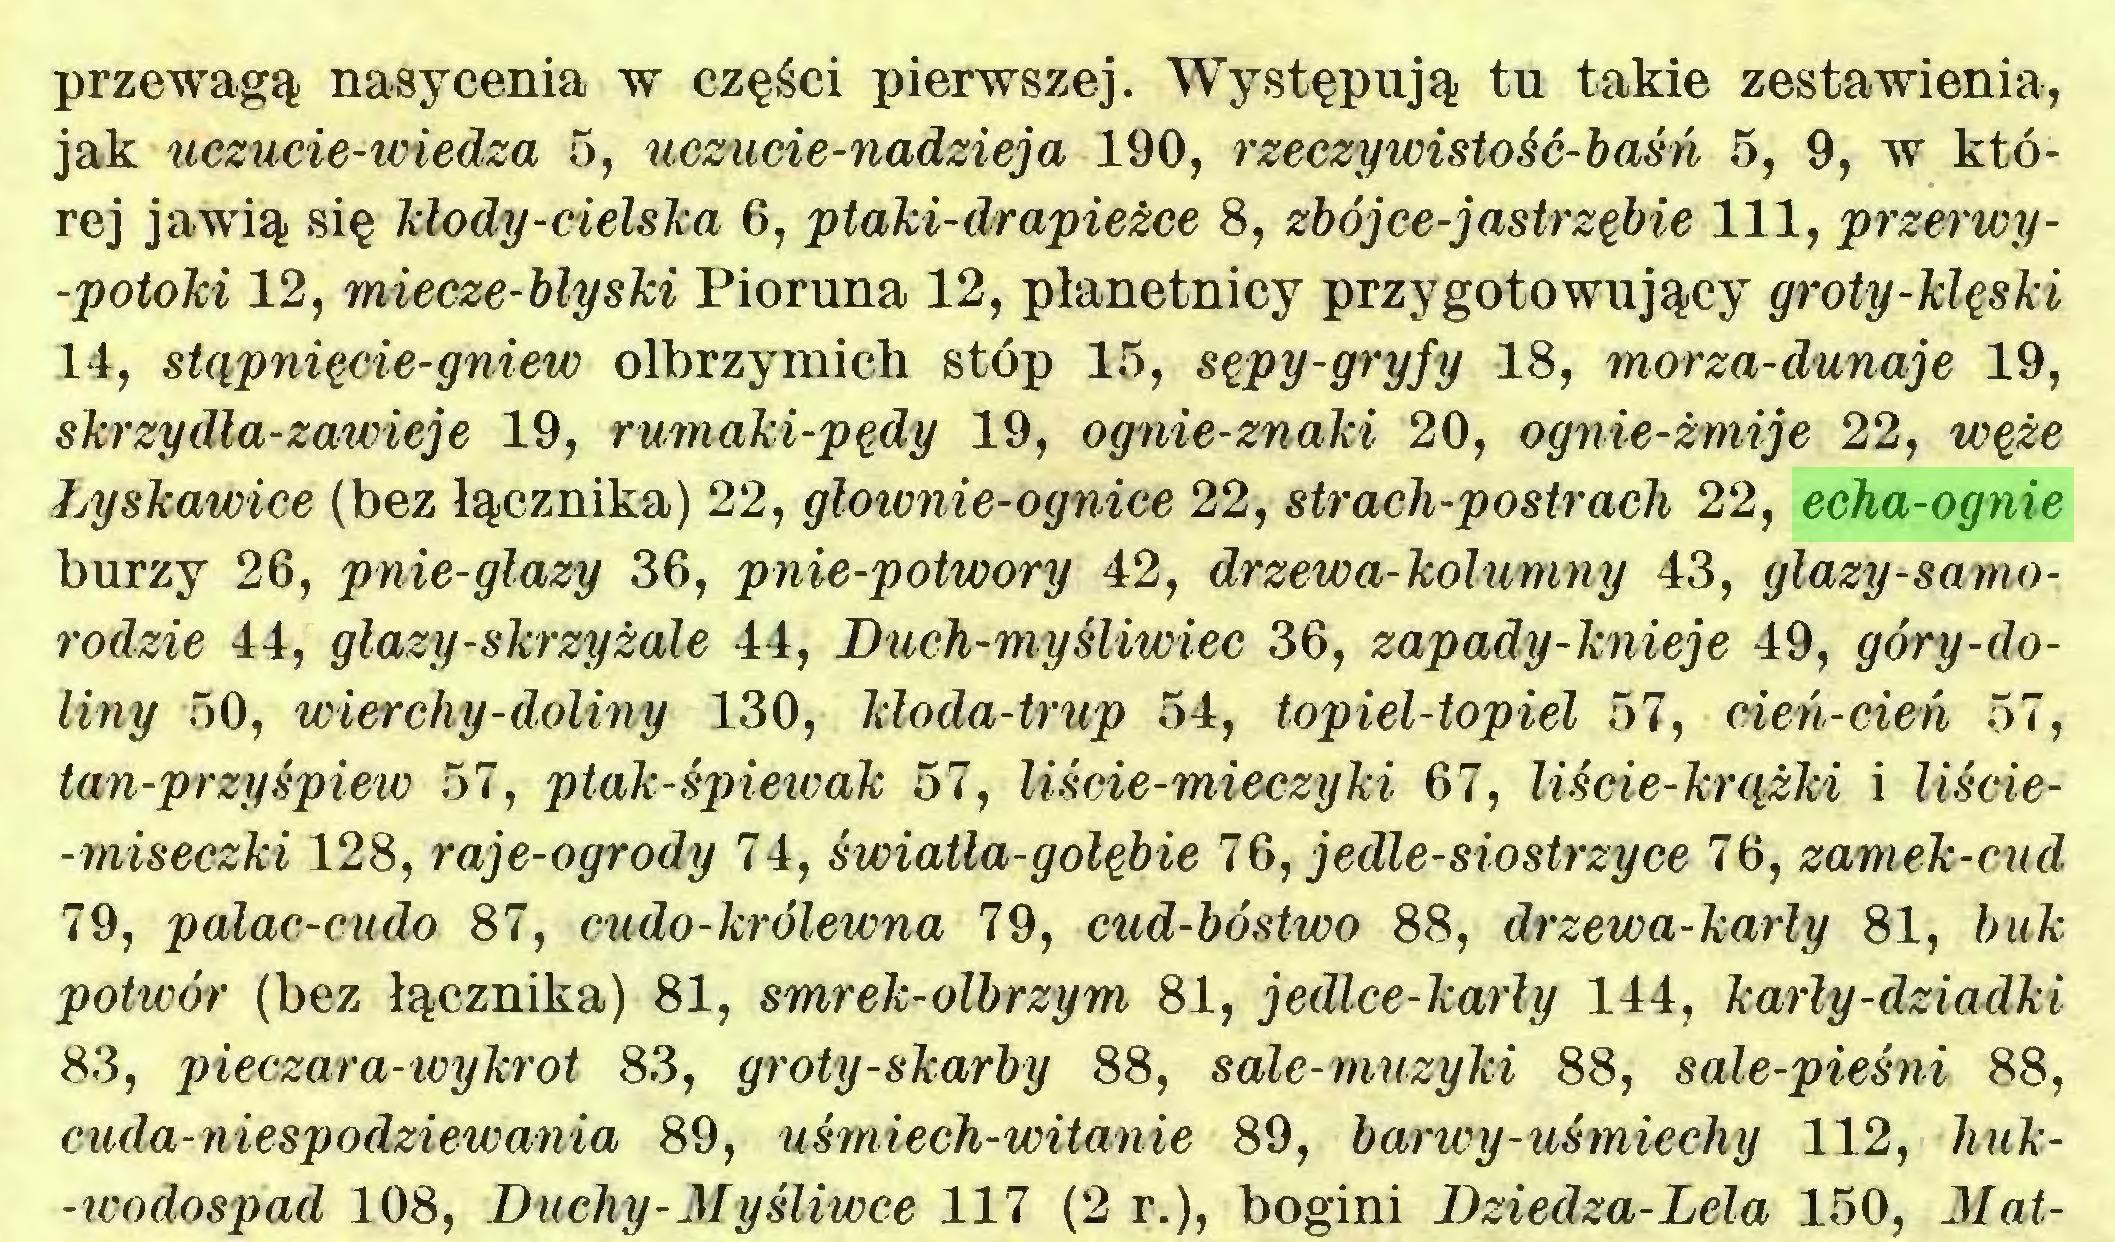 (...) przewagą nasycenia w części pierwszej. Występują tu takie zestawienia, jak uczucie-wiedza 5, uczucie-nadzieja 190, rzeczywistość-baśń 5, 9, w której jawią się Mody-cielska 6, ptaki-drapieżce 8, zbójce-jastrzębie 111, przerwy-potoki 12, miecze-blyski Pioruna 12, płanetnicy przygotowujący groty-klęski 14, stąpnięcie-gniew olbrzymich stóp 15, sępy-gryfy 18, morza-dunaje 19, skrzy dla-zawieje 19, rumaki-pędy 19, ognie-znaki 20, ognie-żmije 22, węże Łyskawice (bez łącznika) 22, głownie-ognice 22, strach-postrach 22, echa-ognie burzy 26, pnie-glazy 36, pnie-potwory 42, drzewa-kolumny 43, głazy-samorodzie 44, głazy-skrzyżale 44, Duch-myśliwiec 36, zapady-knieje 49, góry-doliny 50, wierchy-doliny 130, kloda-trup 54, topiel-topiel 57, cień-cień 57, tan-przyśpiew 57, ptak-śpiewak 57, liście-mieczyki 67, liście-knyżki i liście-miseczki 128, raje-ogrody 74, światła-gołębie 76, jedle-siostrzyce 76, zamek-cud 79, palac-cudo 87, cudo-królewna 79, cud-bóstwo 88, drzewa-karły 81, buk potwór (bez łącznika) 81, smrek-olbrzym 81, jedlce-karły 144, karły-dziadki 83, pieczar a-wy kr ot 83, groty-skarby 88, sałe-muzyki 88, sale-pieśni 88, cuda-niespodziewania 89, uśmiech-witanie 89, barwy-uśmiechy 112, huk-icodospad 108, Duchy-Myśliwce 117 (2 r.), bogini Dziedza-Lela 150, Mat...